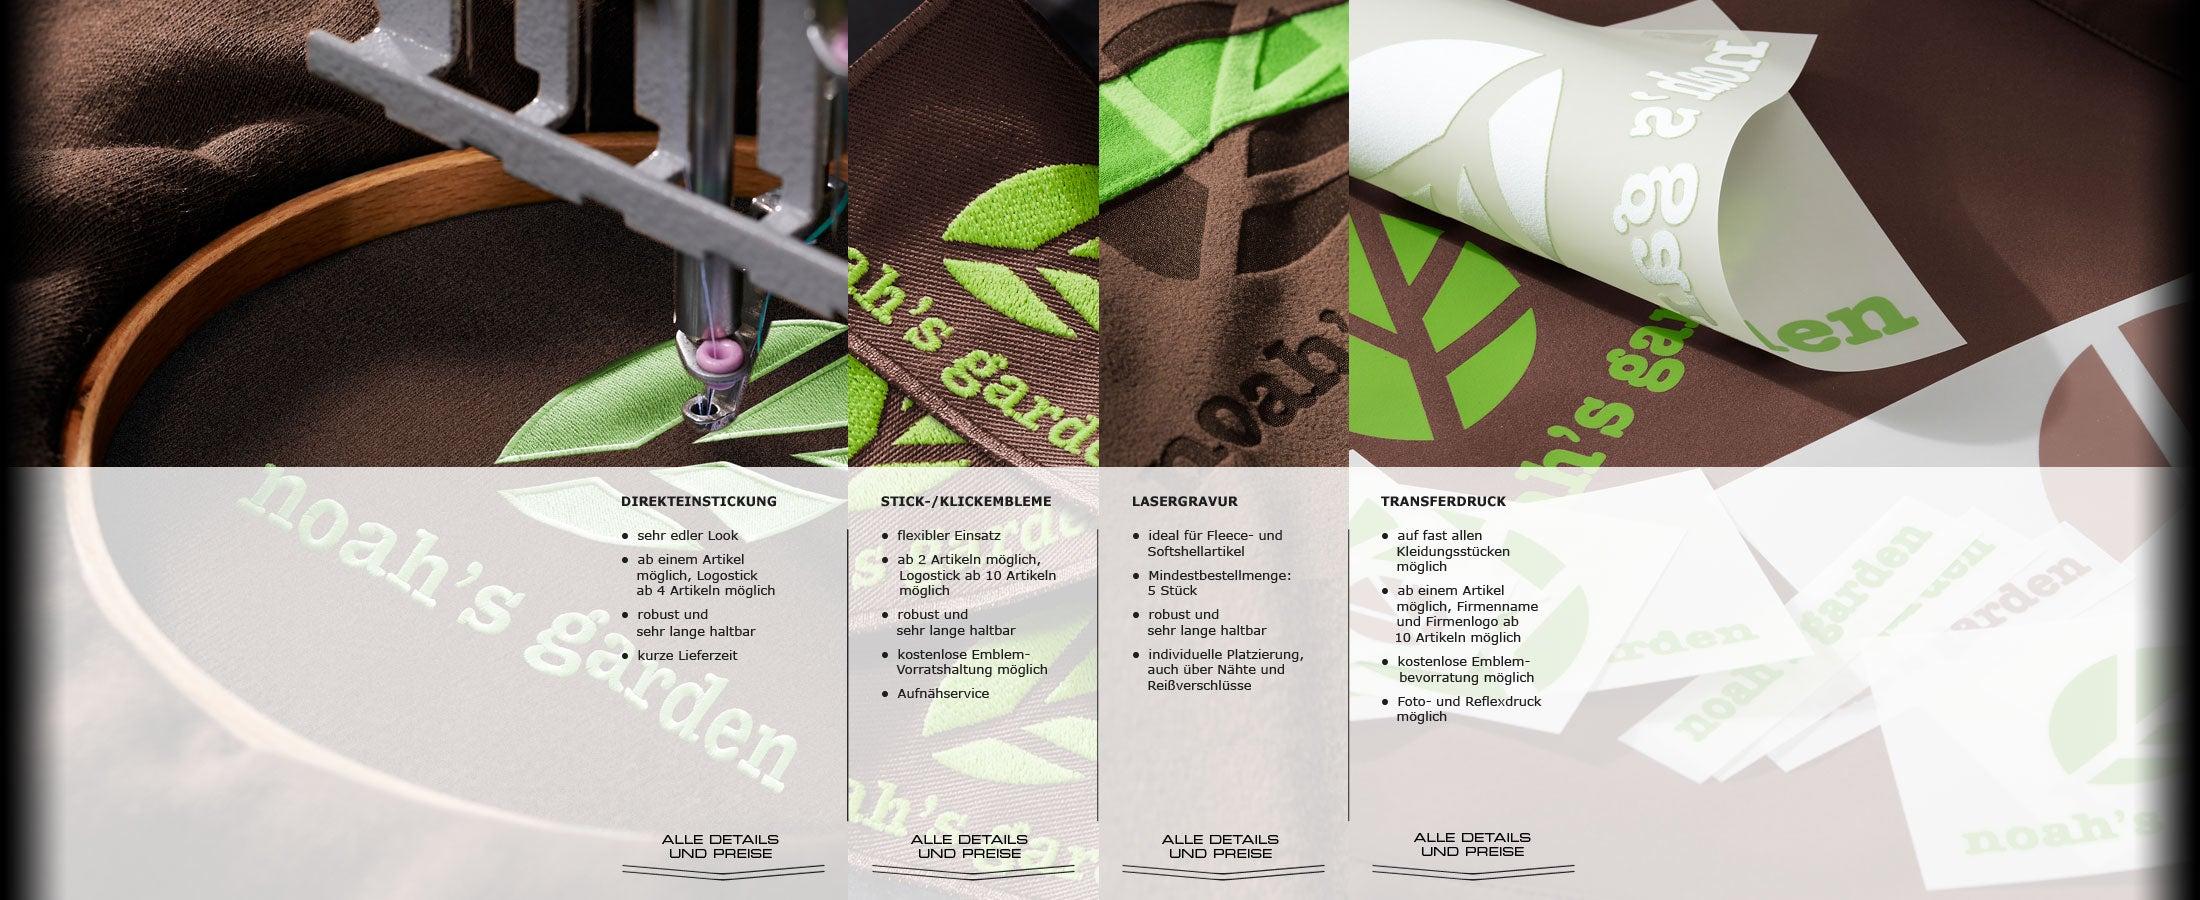 siebdruck von logos firmennamen bei engelbert strauss. Black Bedroom Furniture Sets. Home Design Ideas